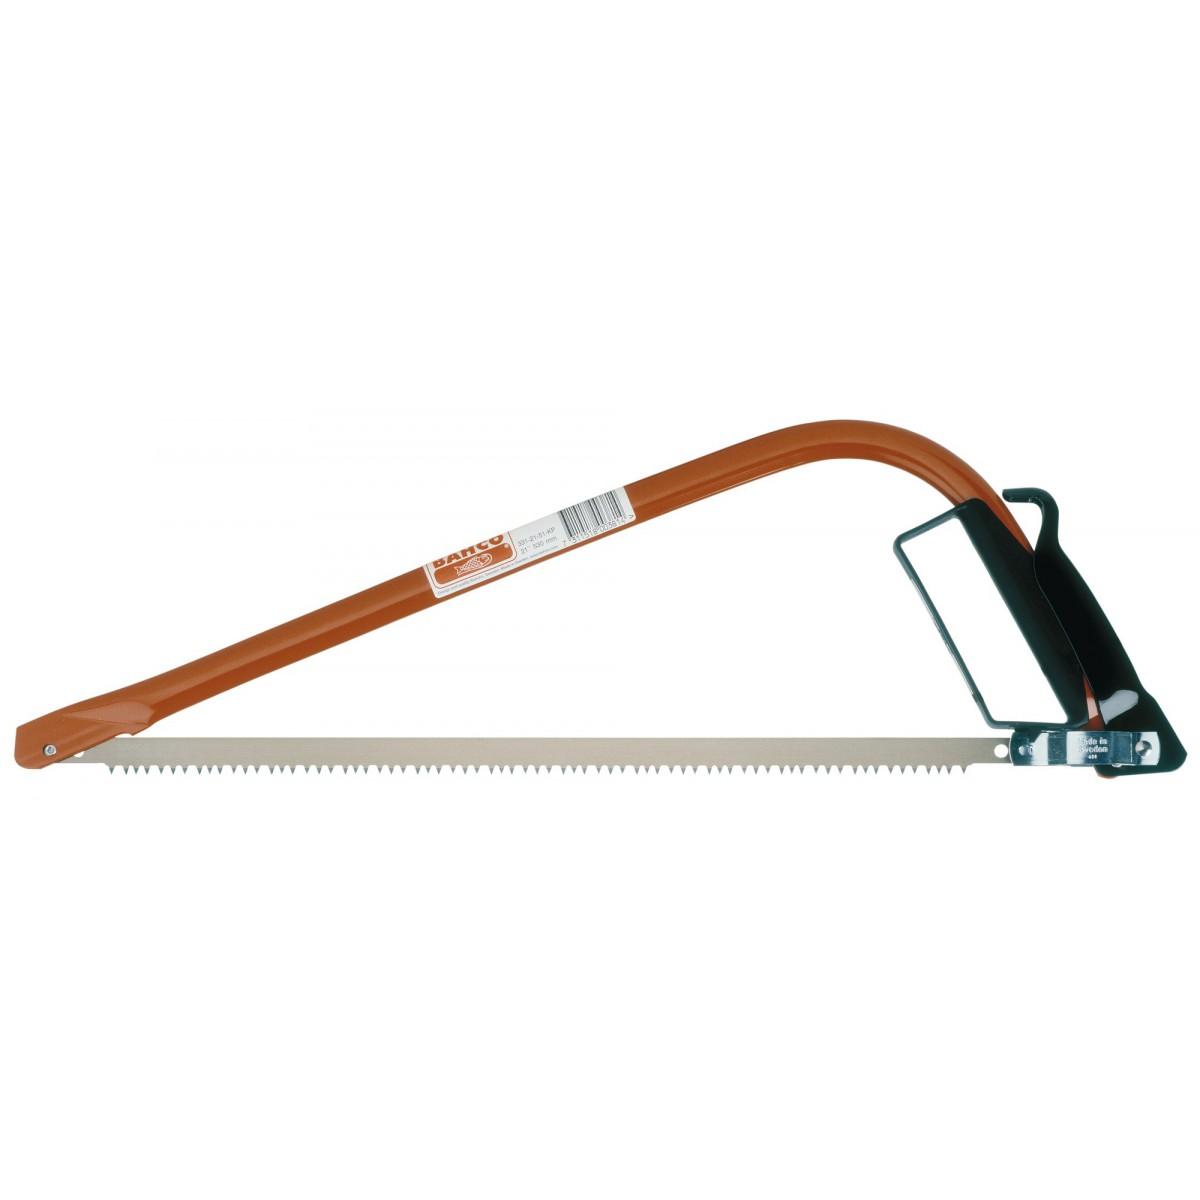 Scie à bûches ergonomique tout usage Bahco - Longueur 53 cm